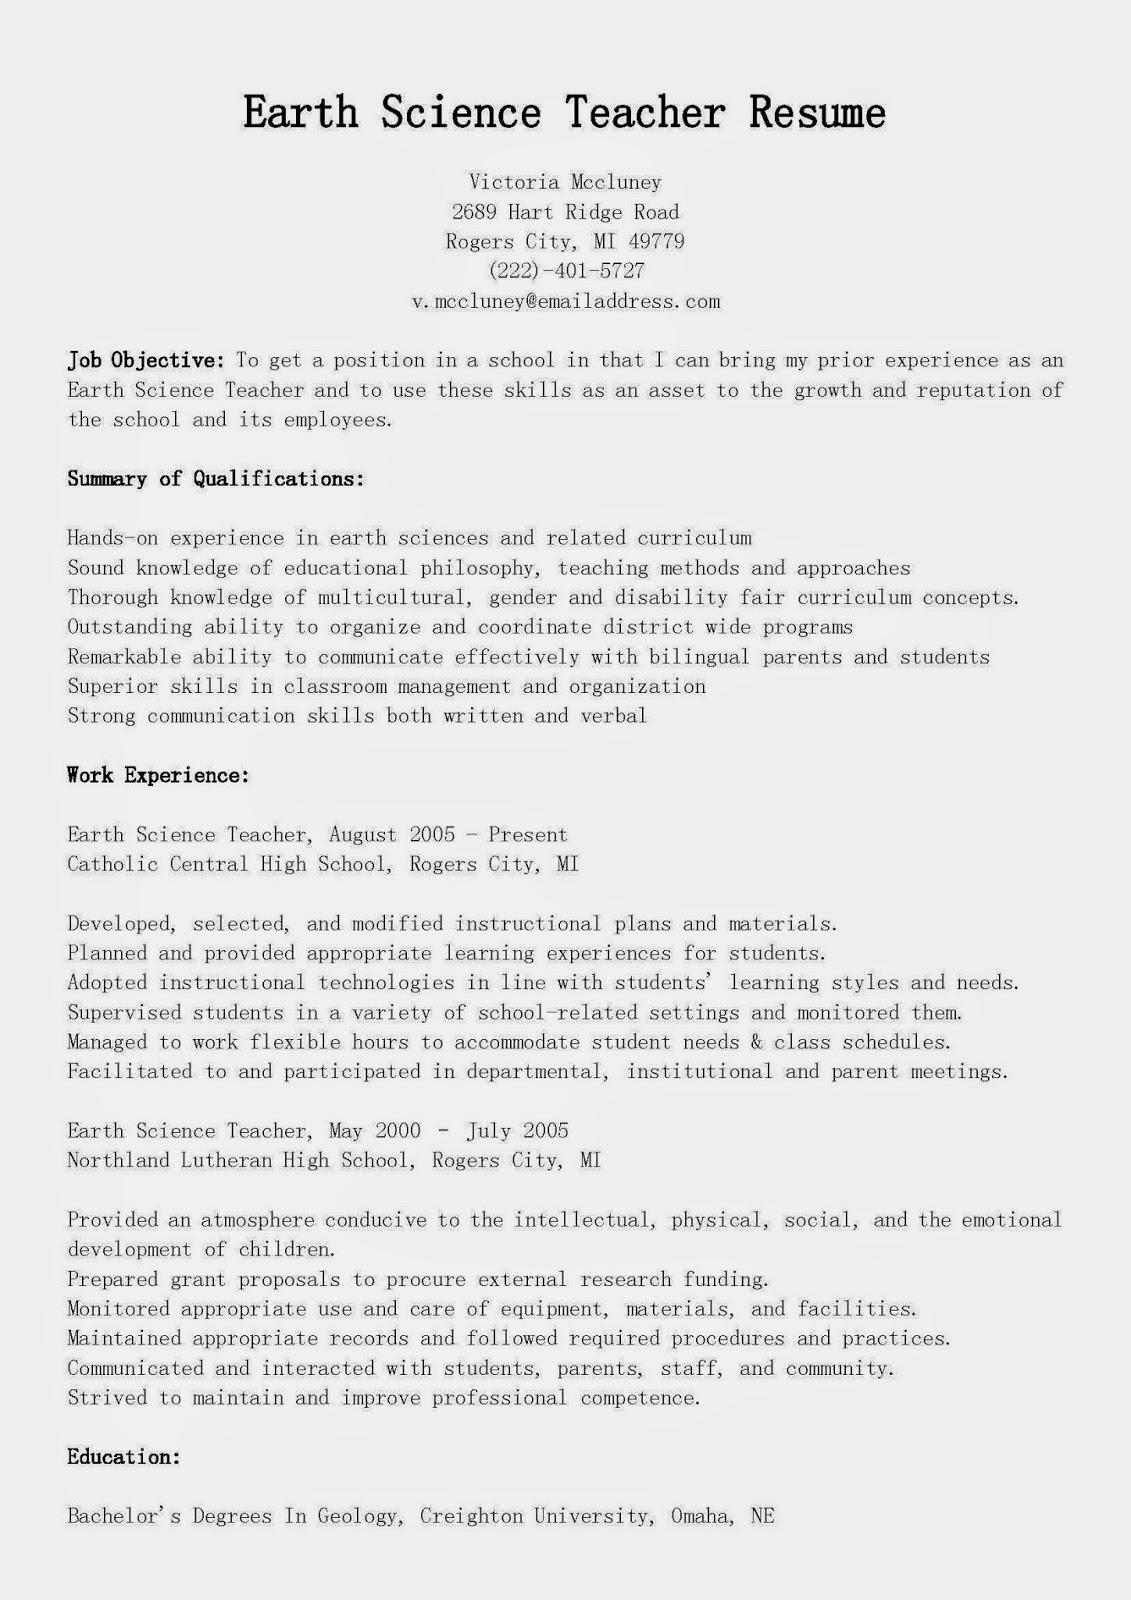 resume for teacher job sample resume builder resume for teacher job sample teacher resume sample monster resume samples earth science teacher resume sample